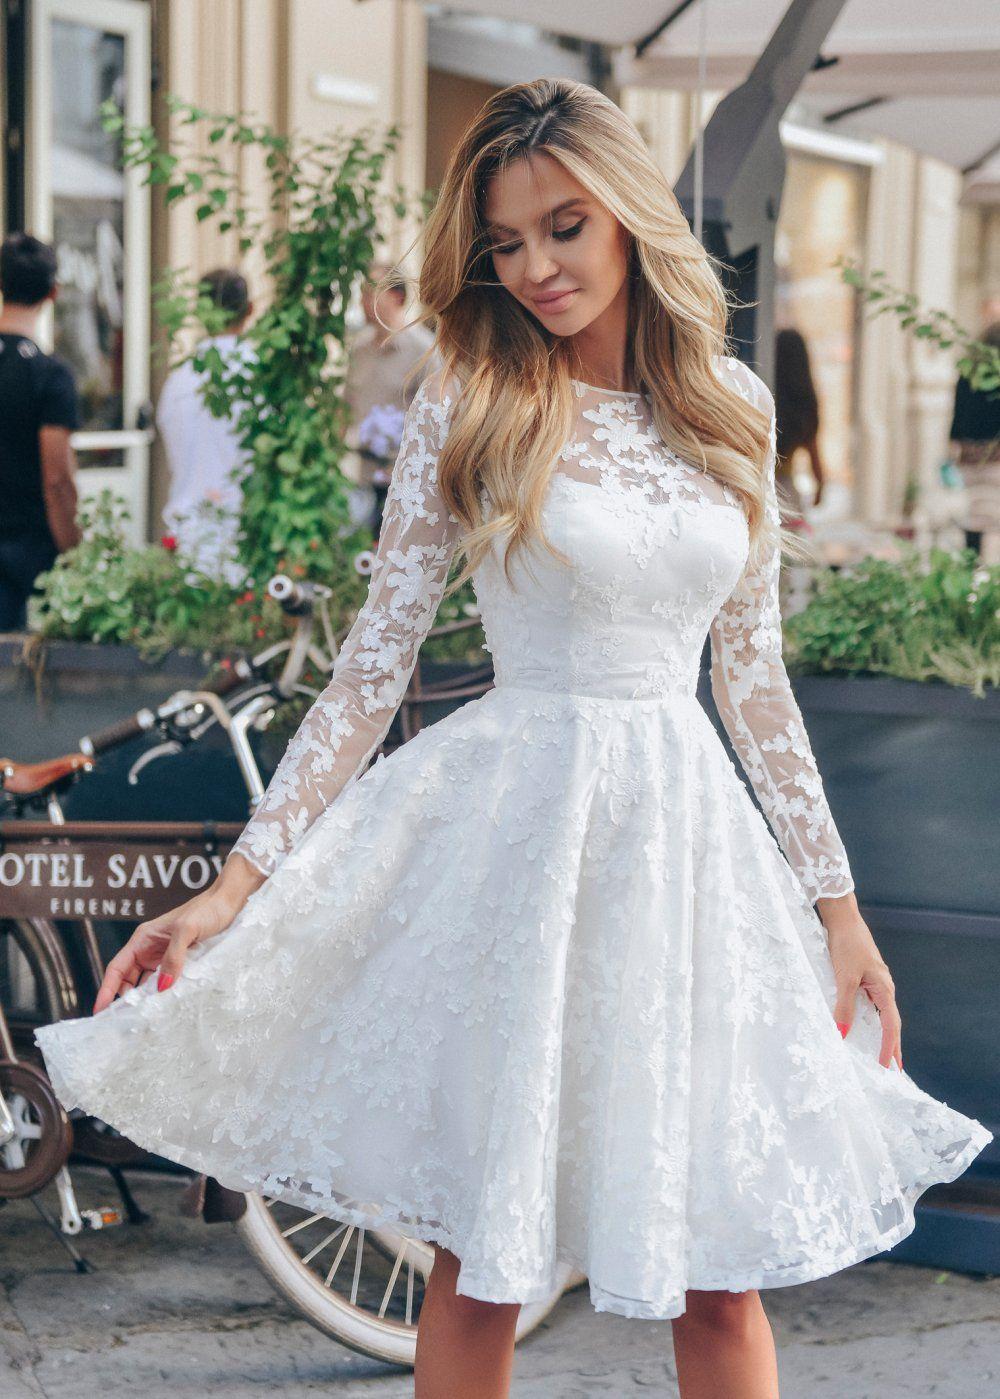 9c594c99e03 Короткое белое платье из кружева с юбкой солнце-клеш и длинным рукавом  NN047 купить в интернет-магазине TobeBride